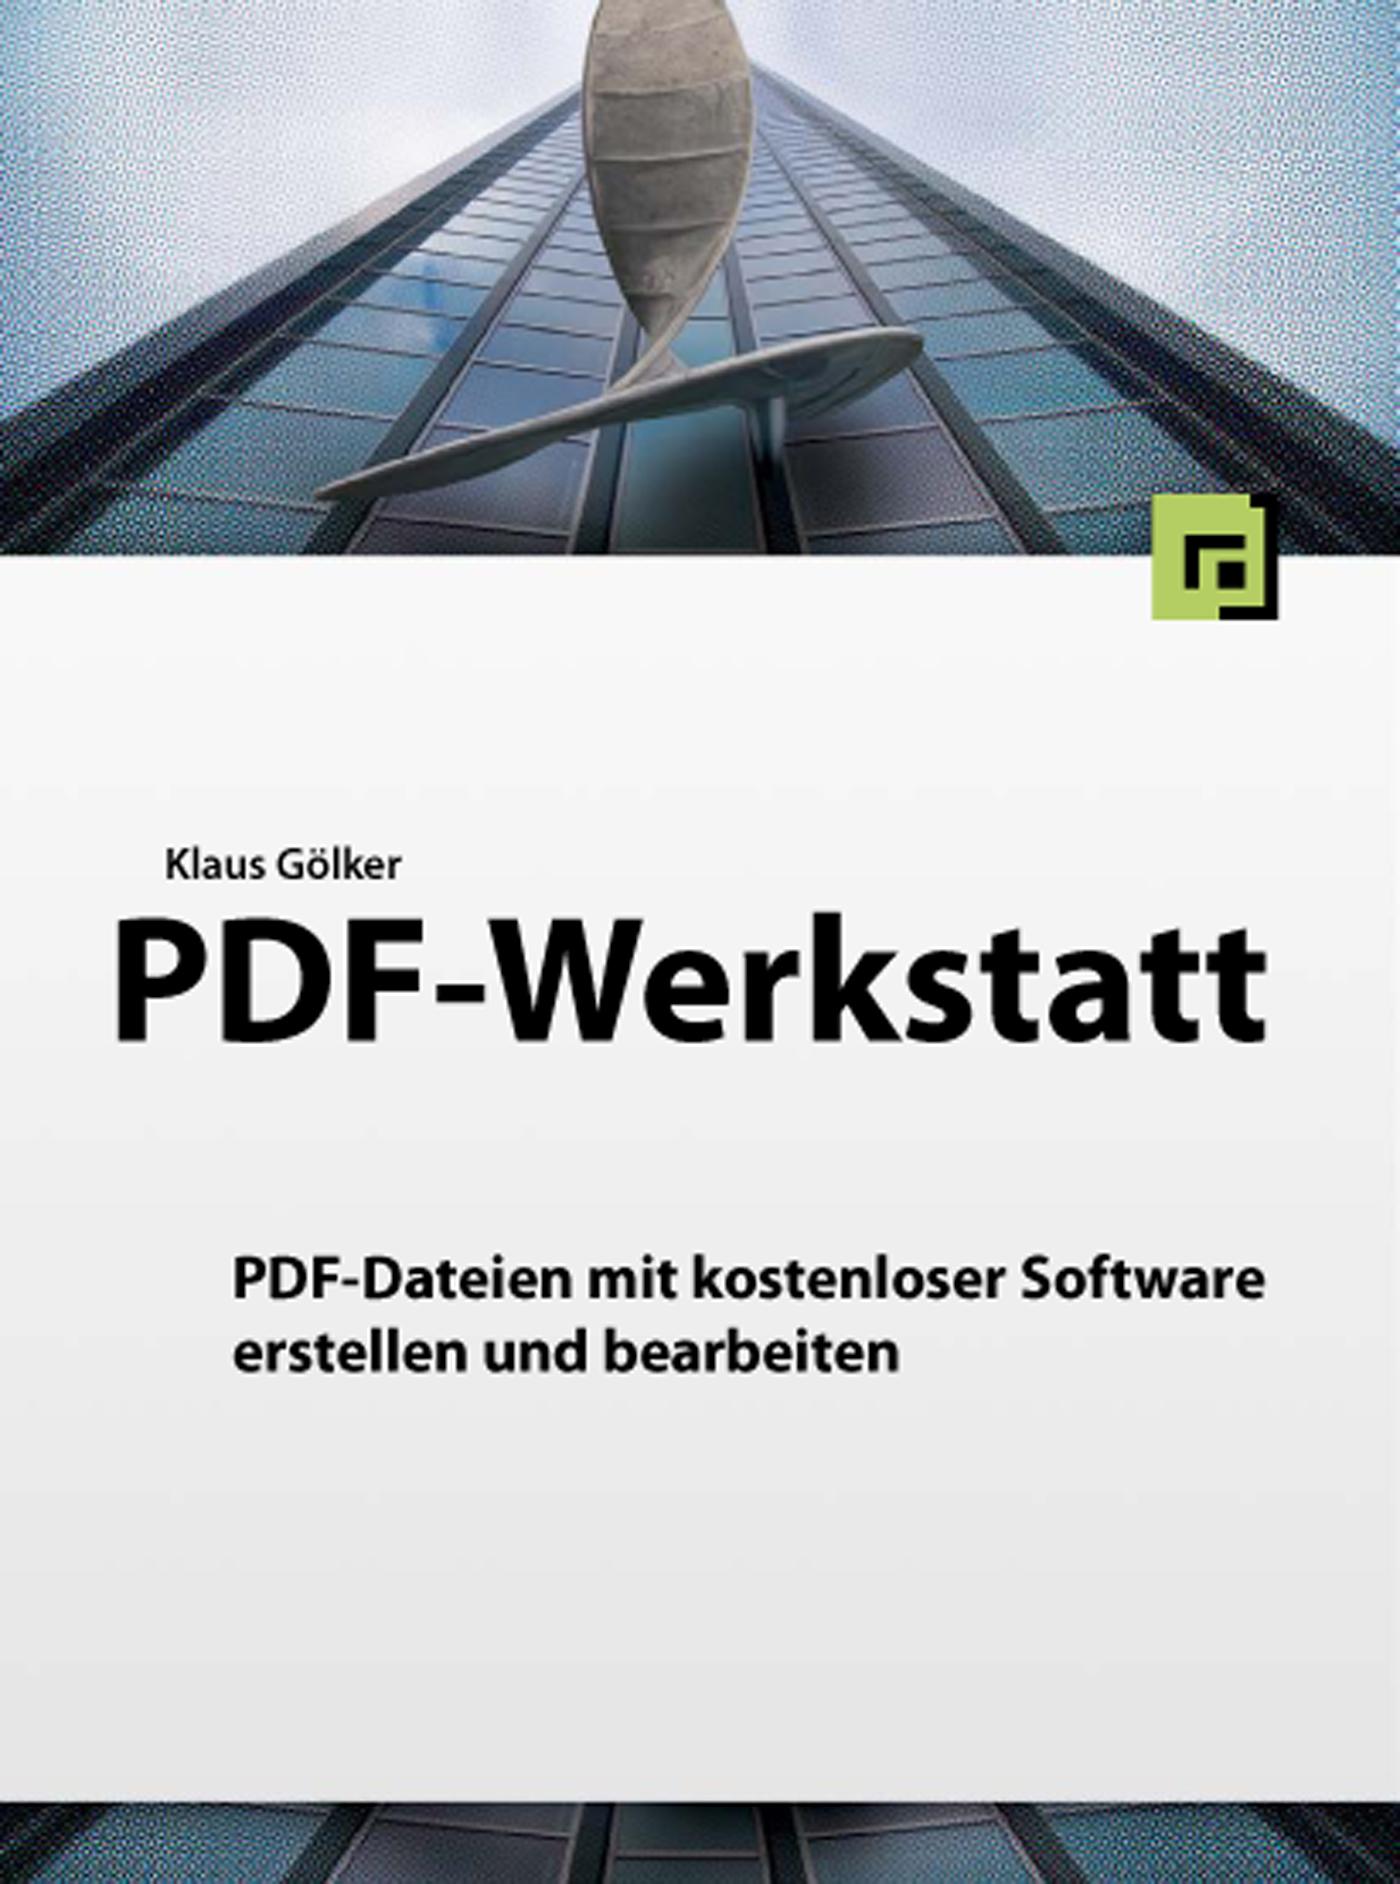 Klaus Golker PDF-Werkstatt klaus golker pdf werkstatt